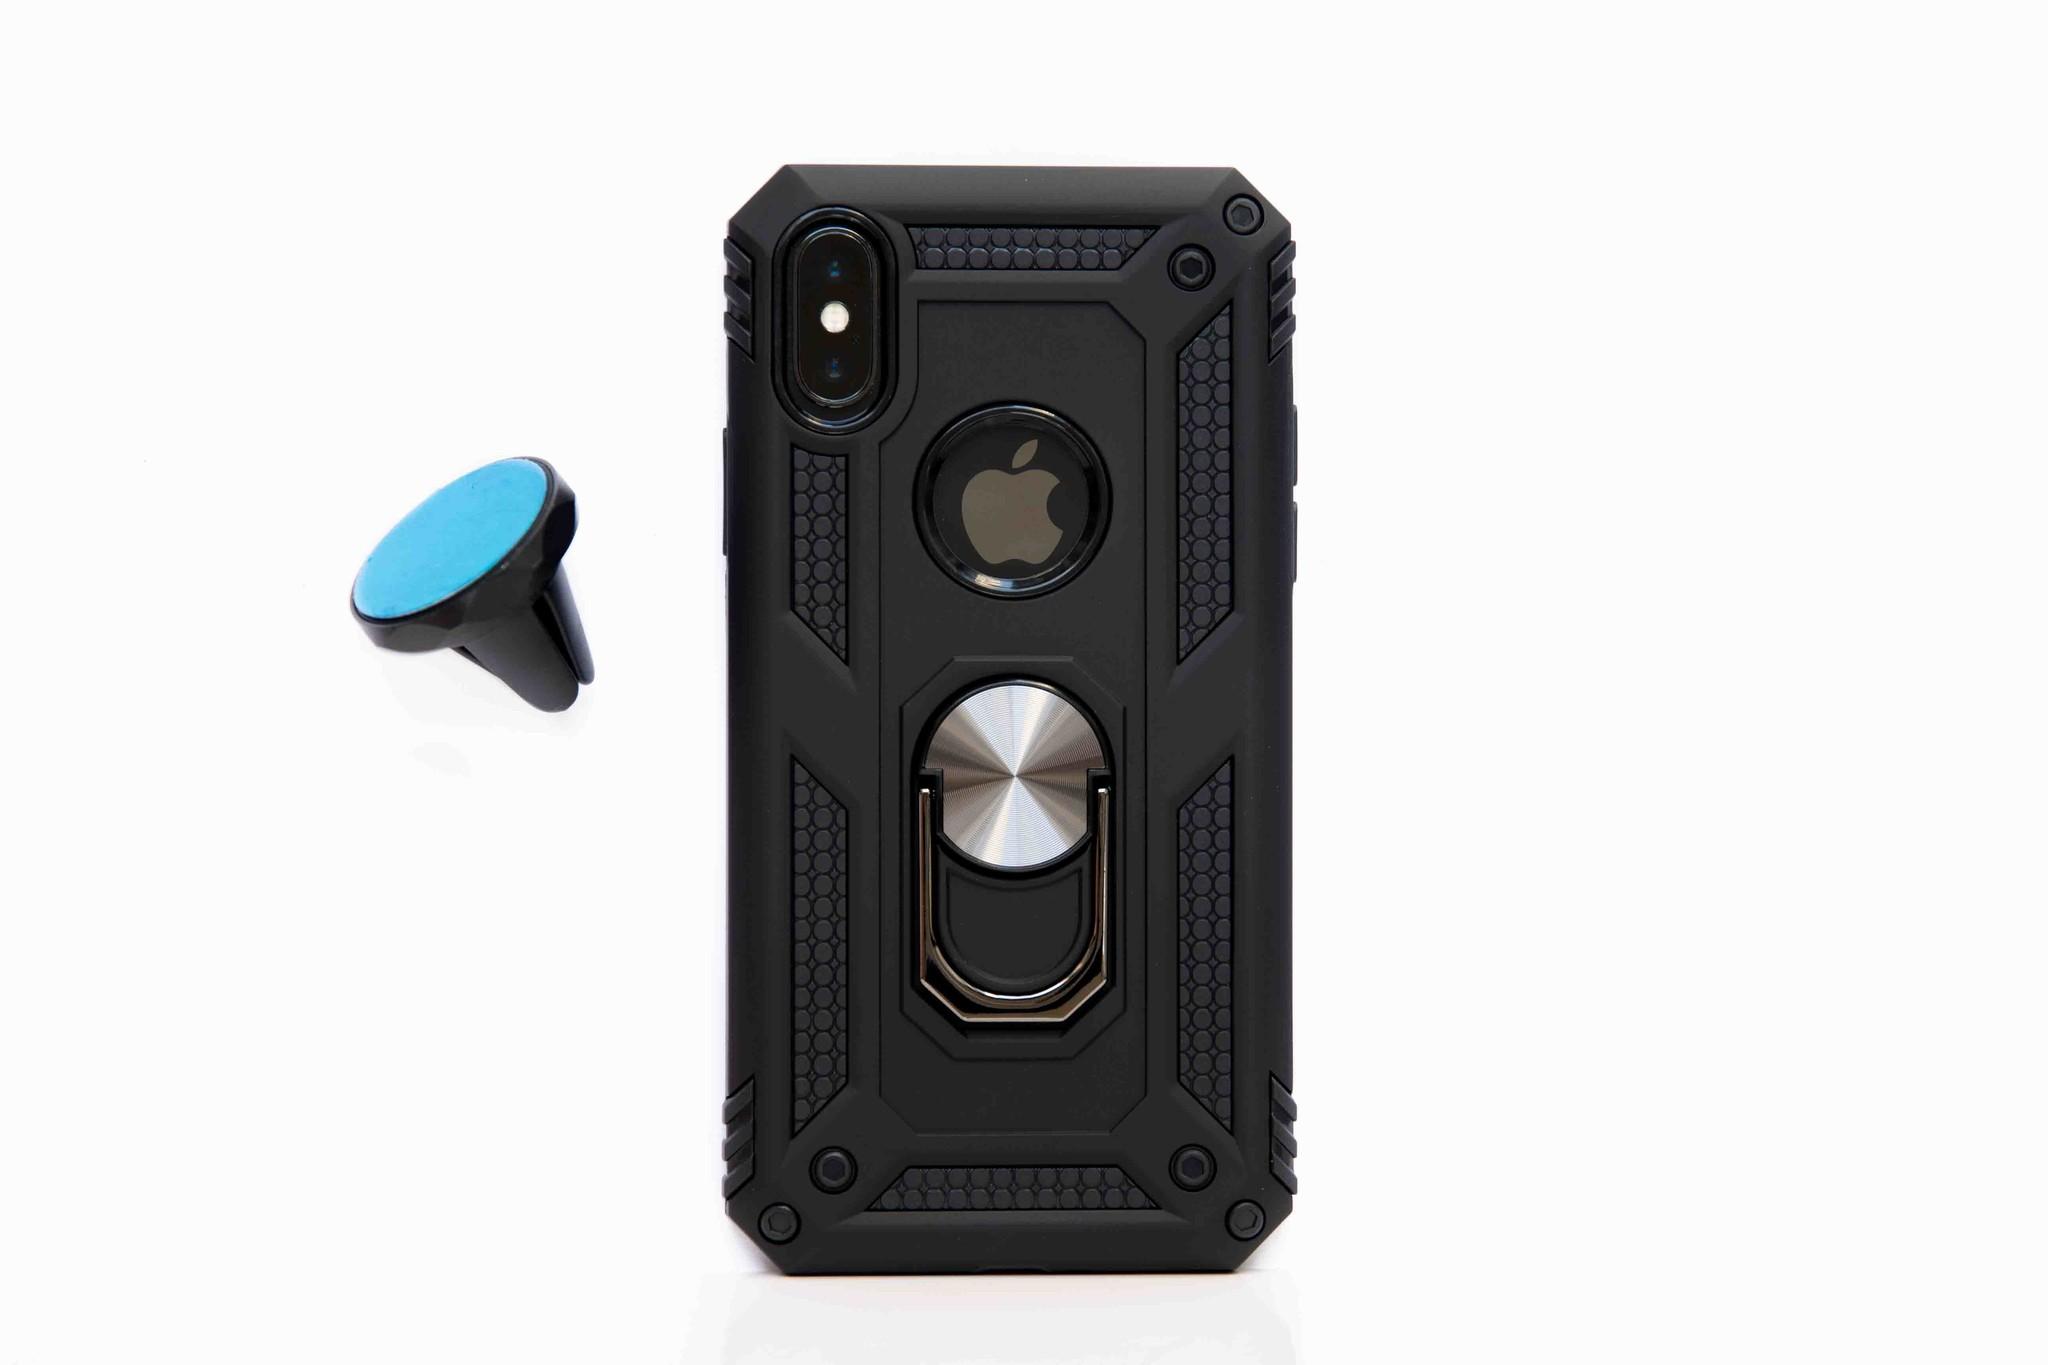 Smartphonehoesje Samsung S10 olus | Shockproof  (met handige magneet)